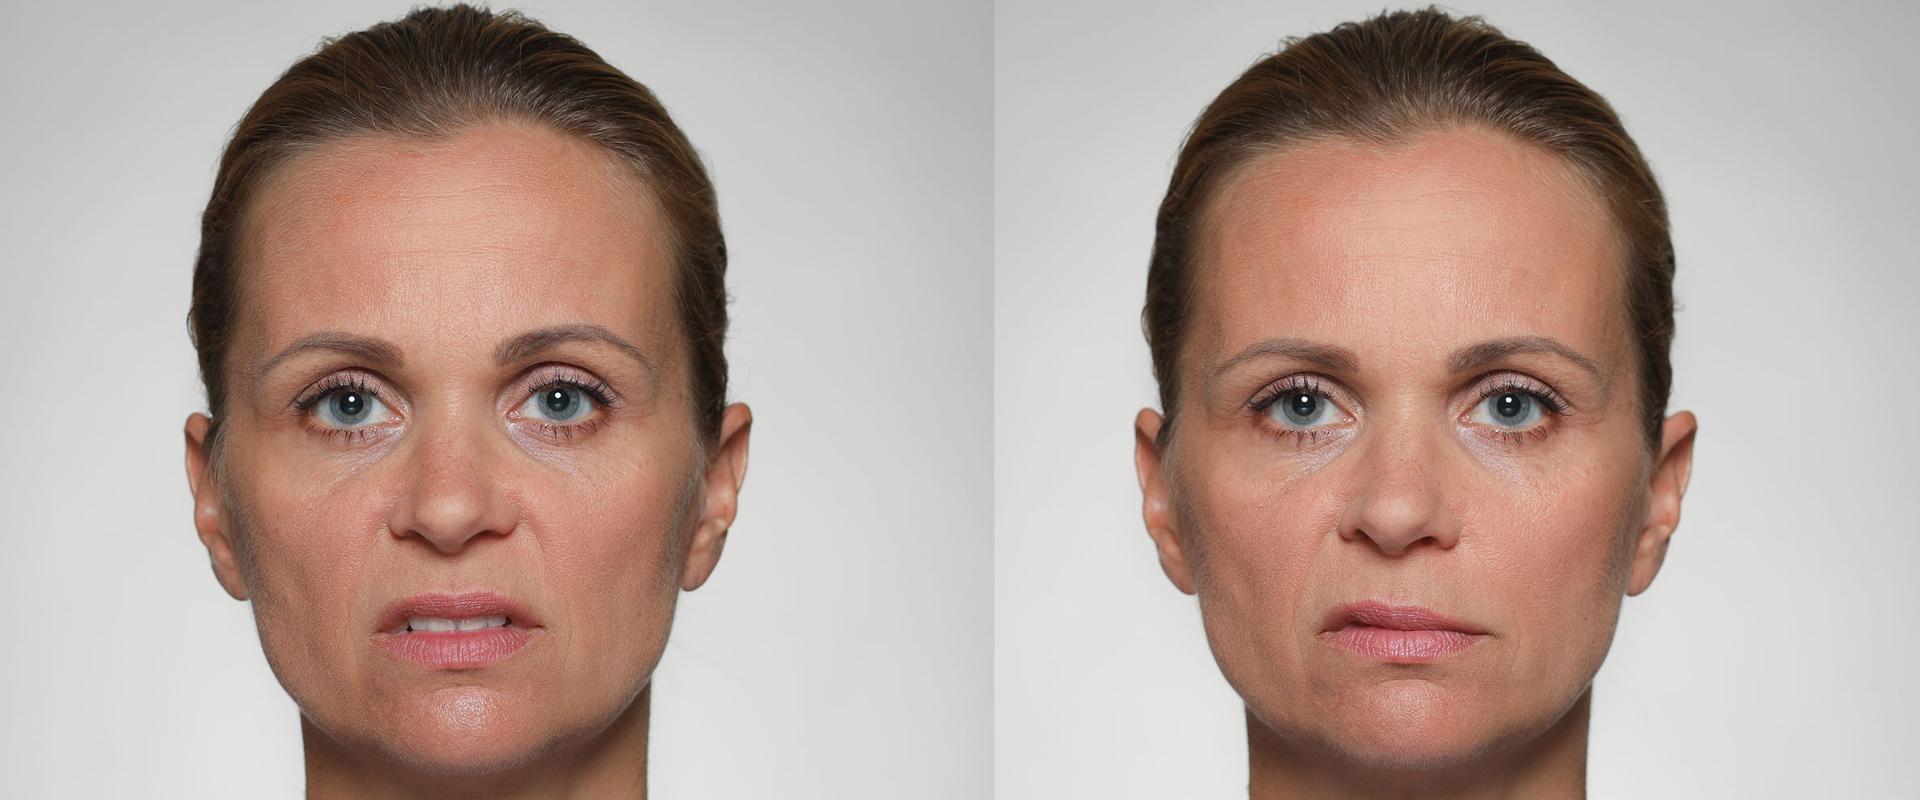 Augenbrauen hochziehen körpersprache 17 Authentische